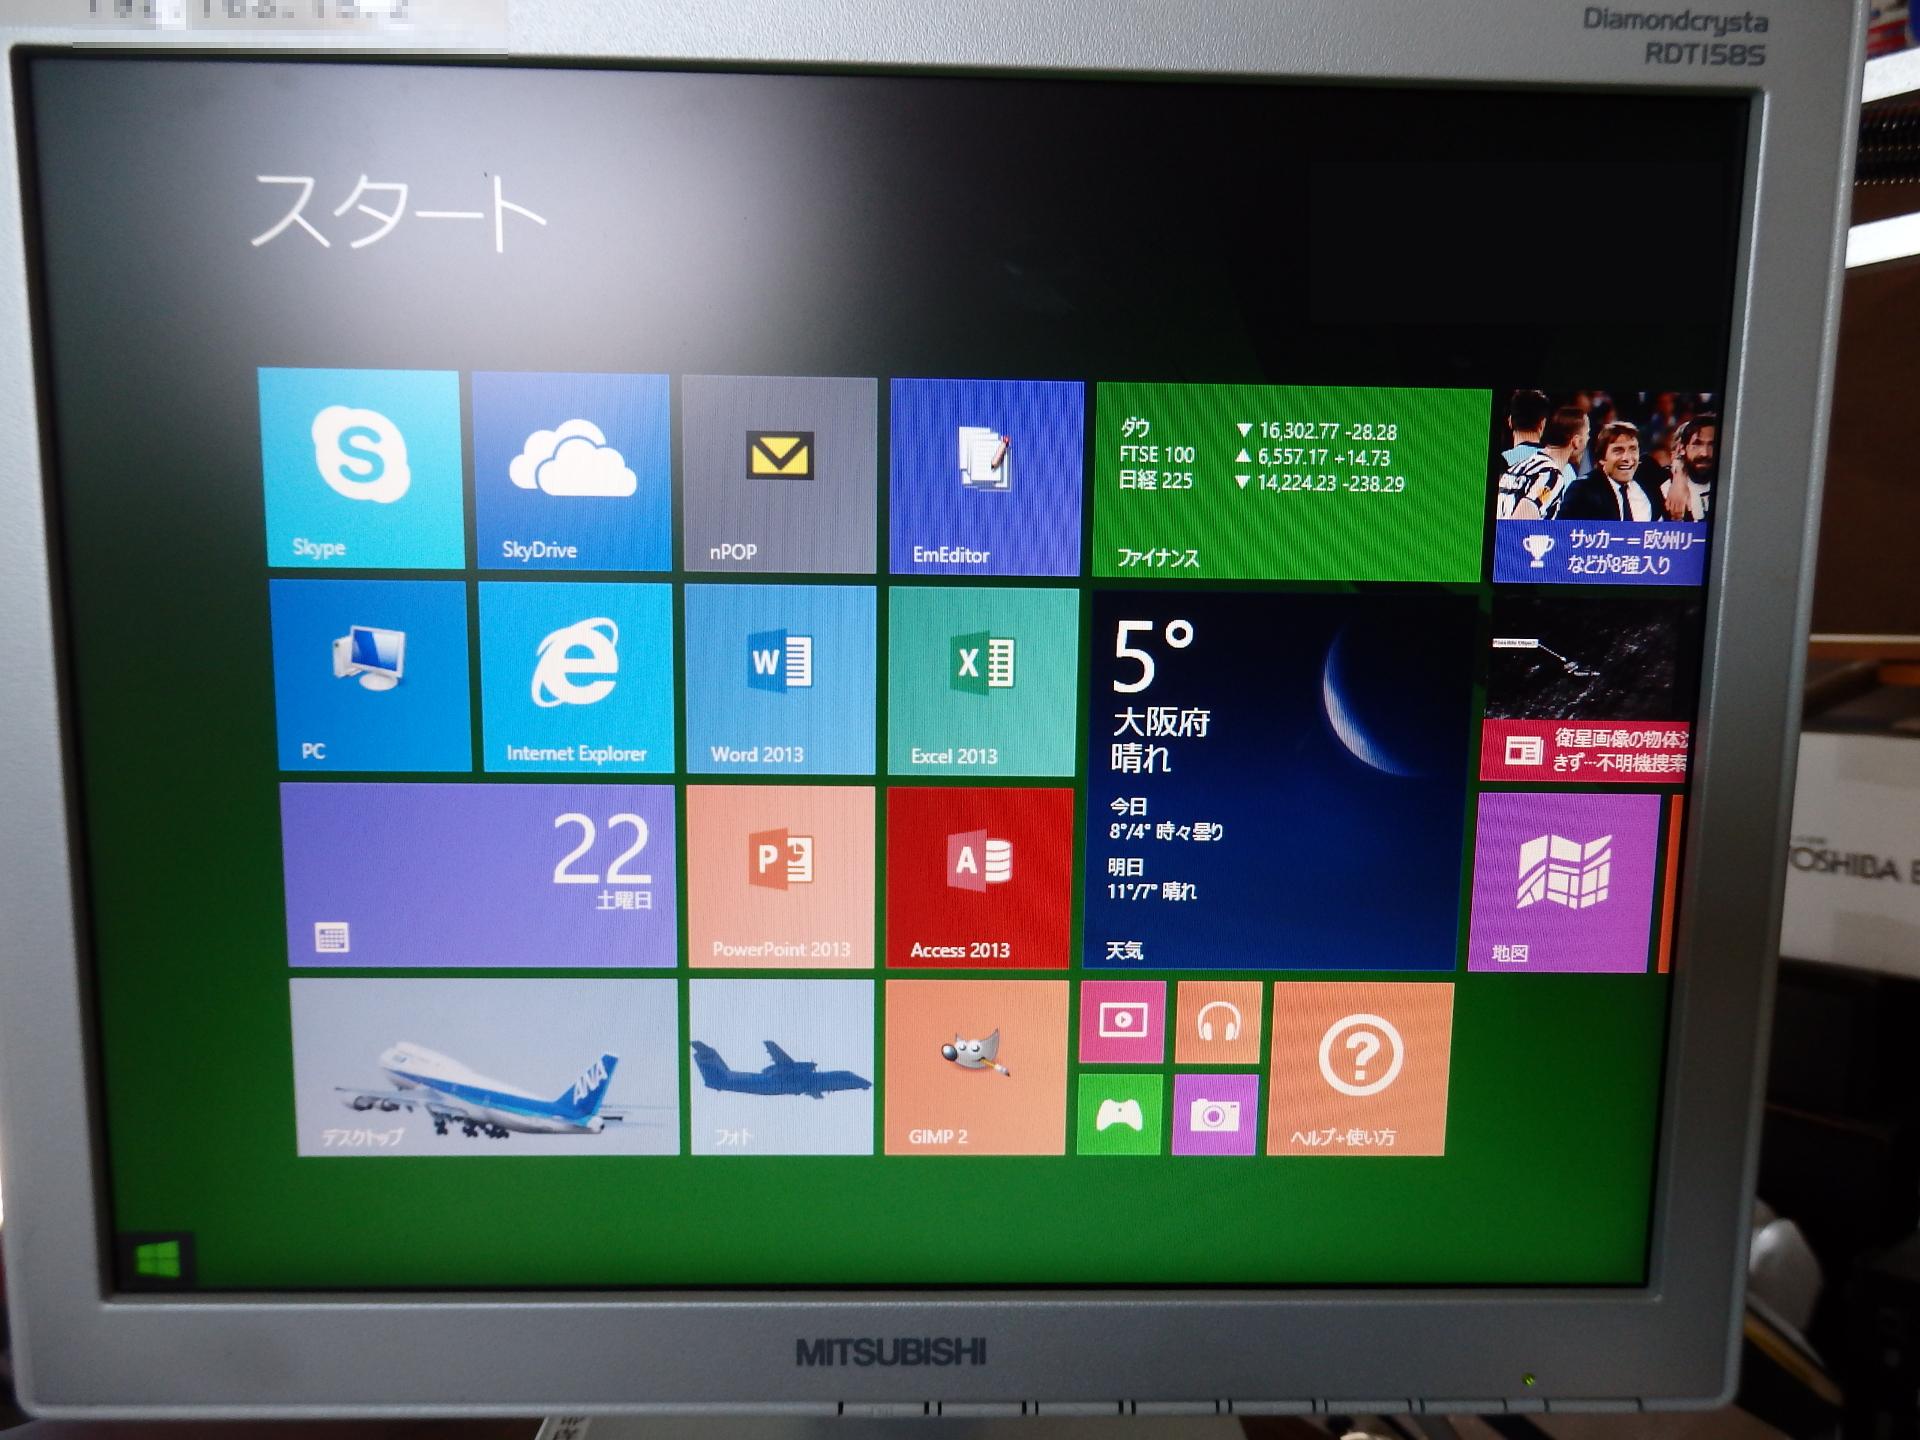 自宅サーバ機のデスクトップデザインを改装・改善。